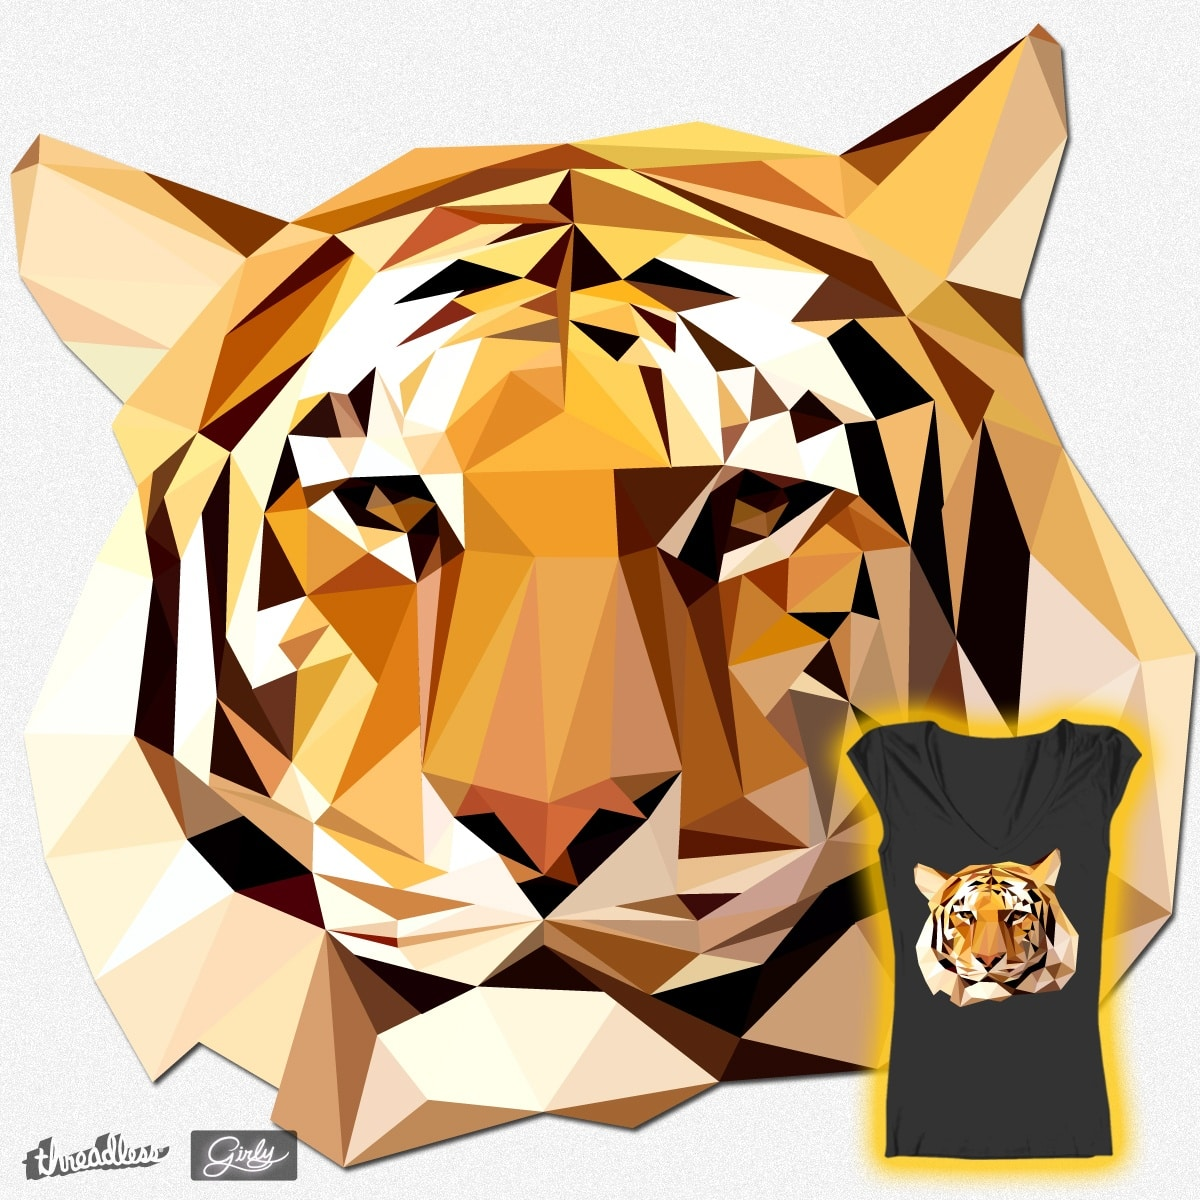 Tiger, Tiger, Burning Bright by Skyjack23 on Threadless